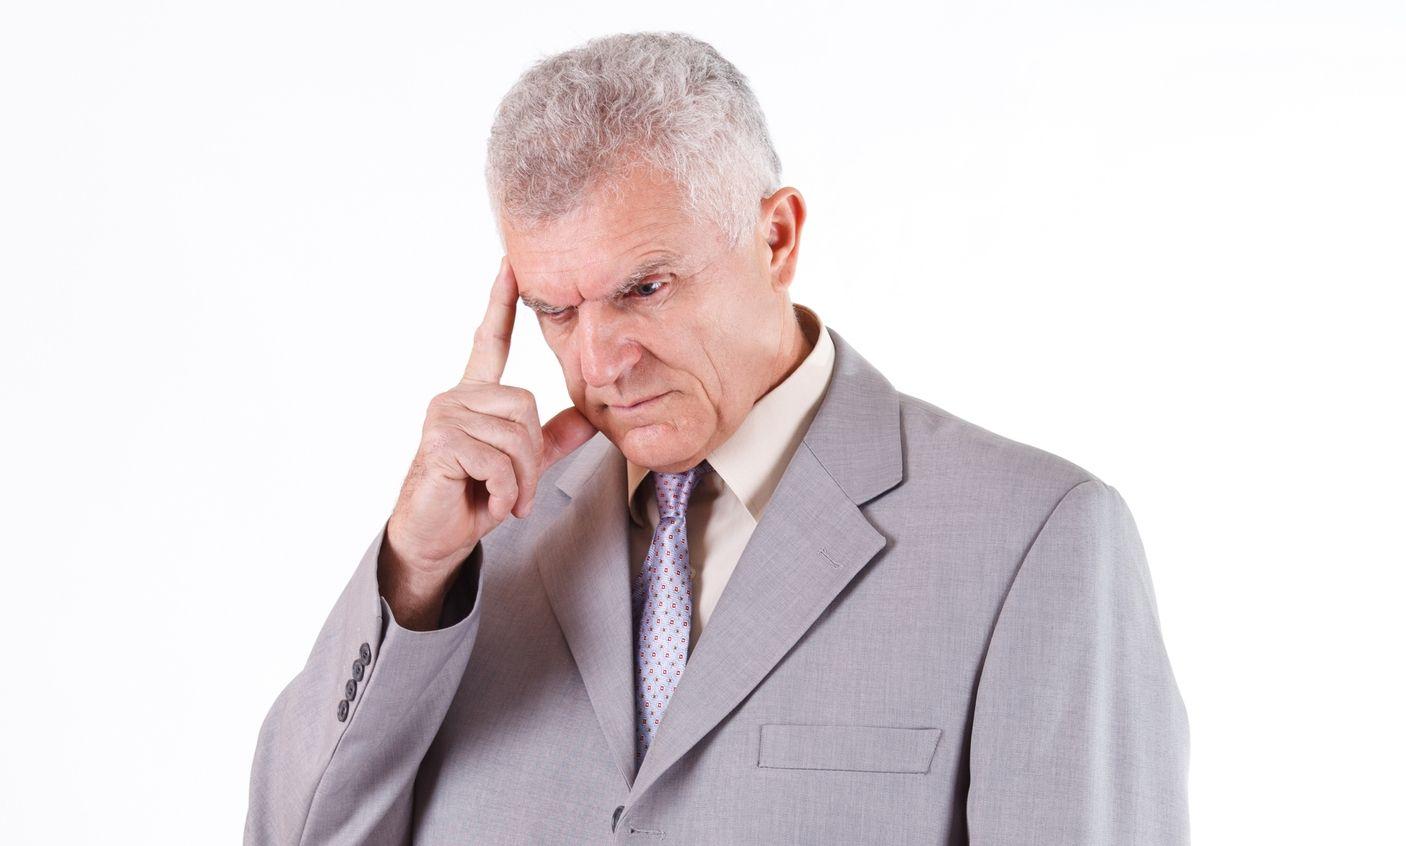 Przychody emeryta i rencisty w 2019 r. - kwoty ograniczające i zawieszające świadczenie